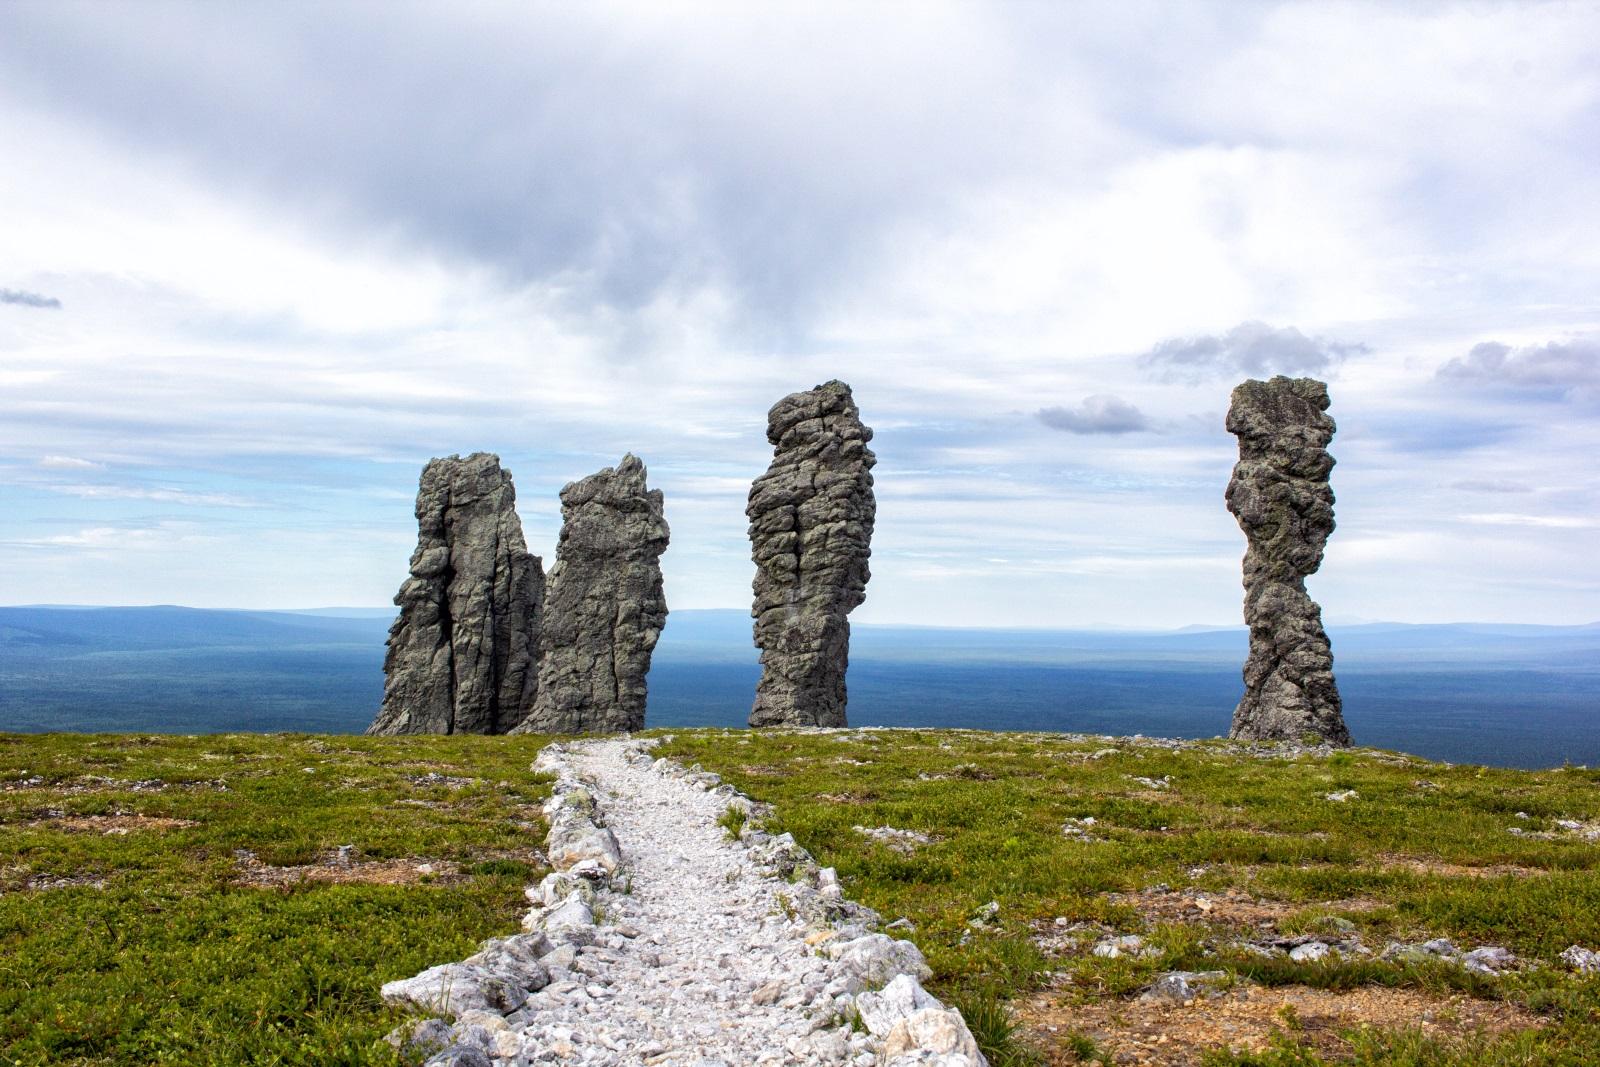 <p>Манпупунер, или Изветрелите каменни стълбове, е едно от Седемте чудеса на Русия. Наричат го и руския Стоунхендж. Феноменът от скални образувания, с височина от 30 до 42 метра, се намира в Коми</p>